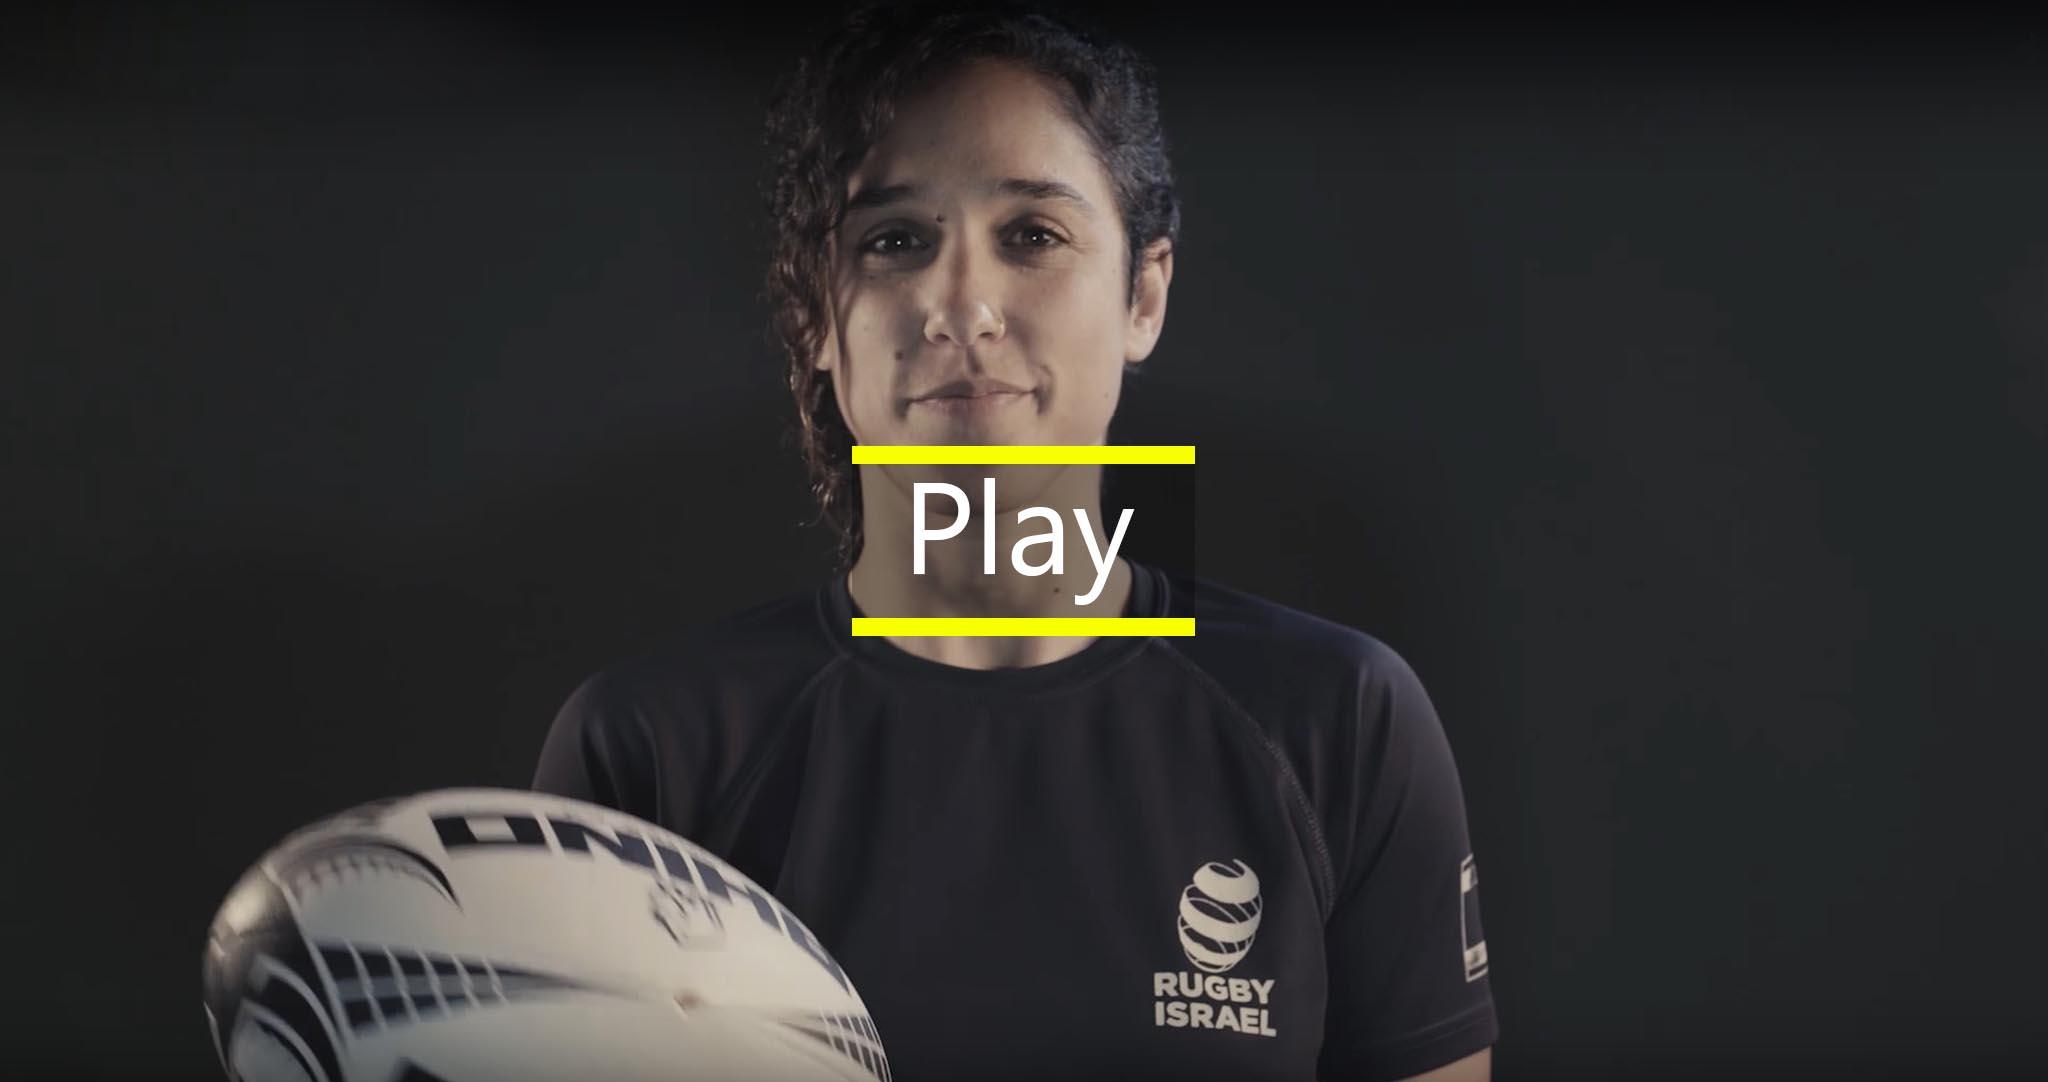 סרטון תדמית לאיגוד הרוגבי הישראלי סימנים הפקות